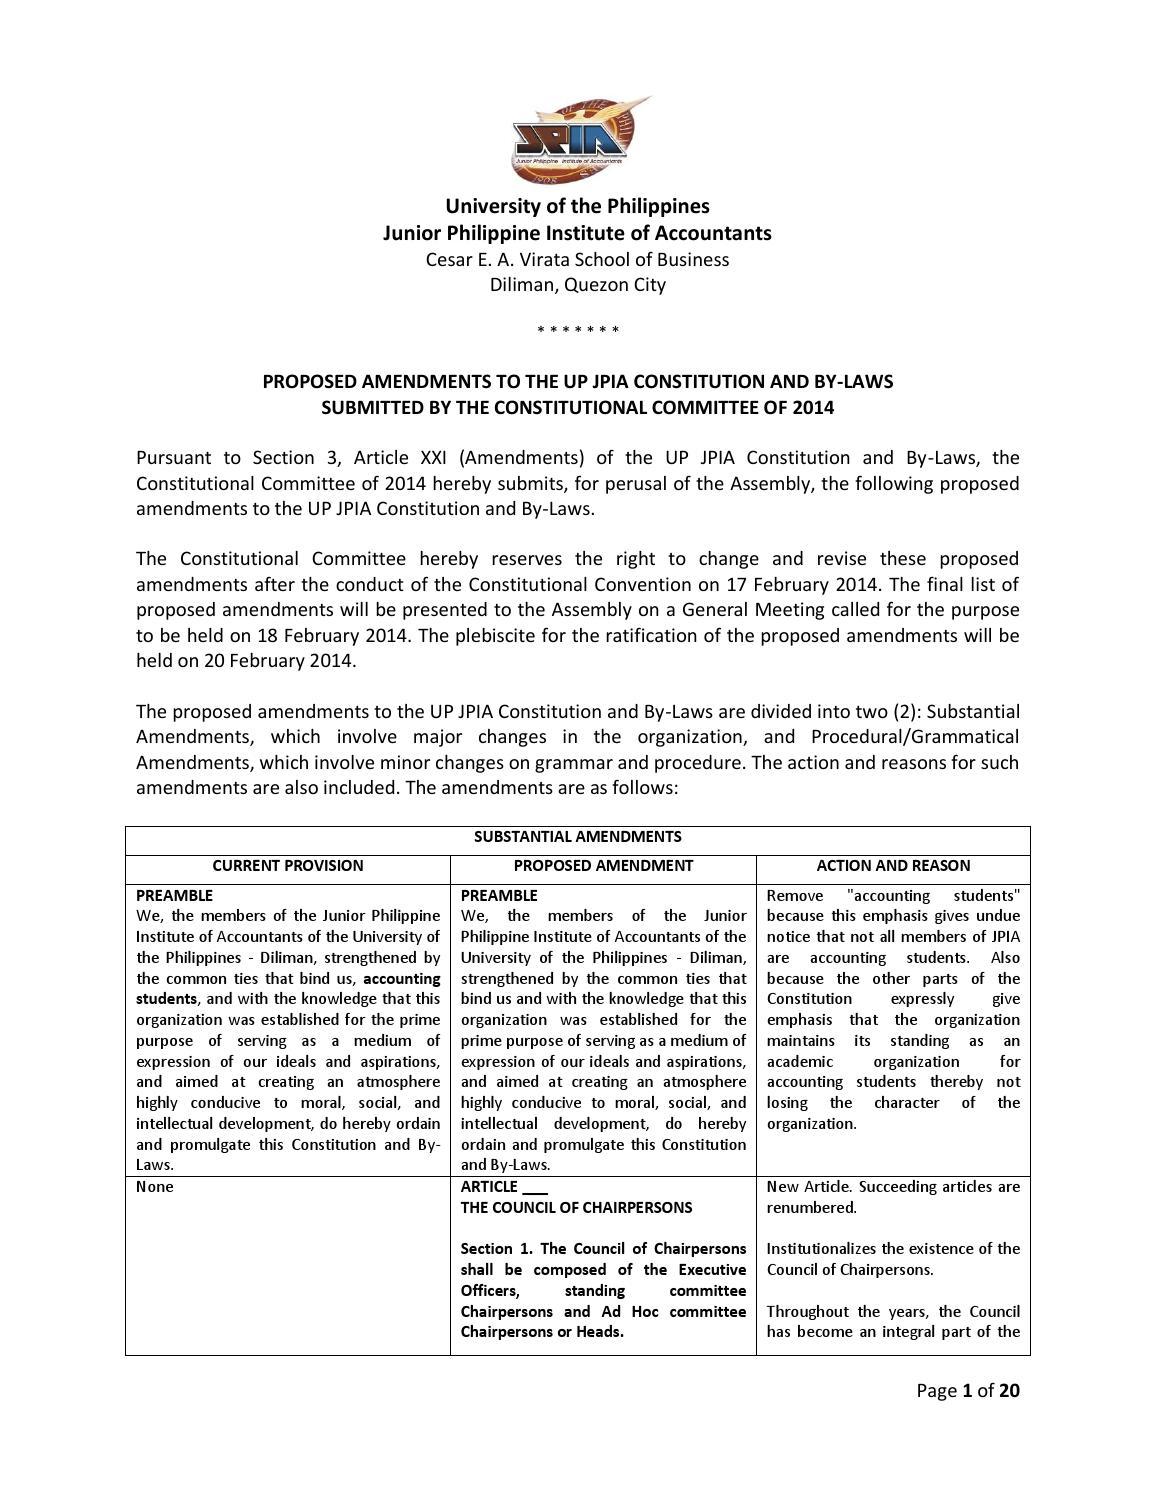 list of amendments to the upjpia constitution by jonas cruz - issuu